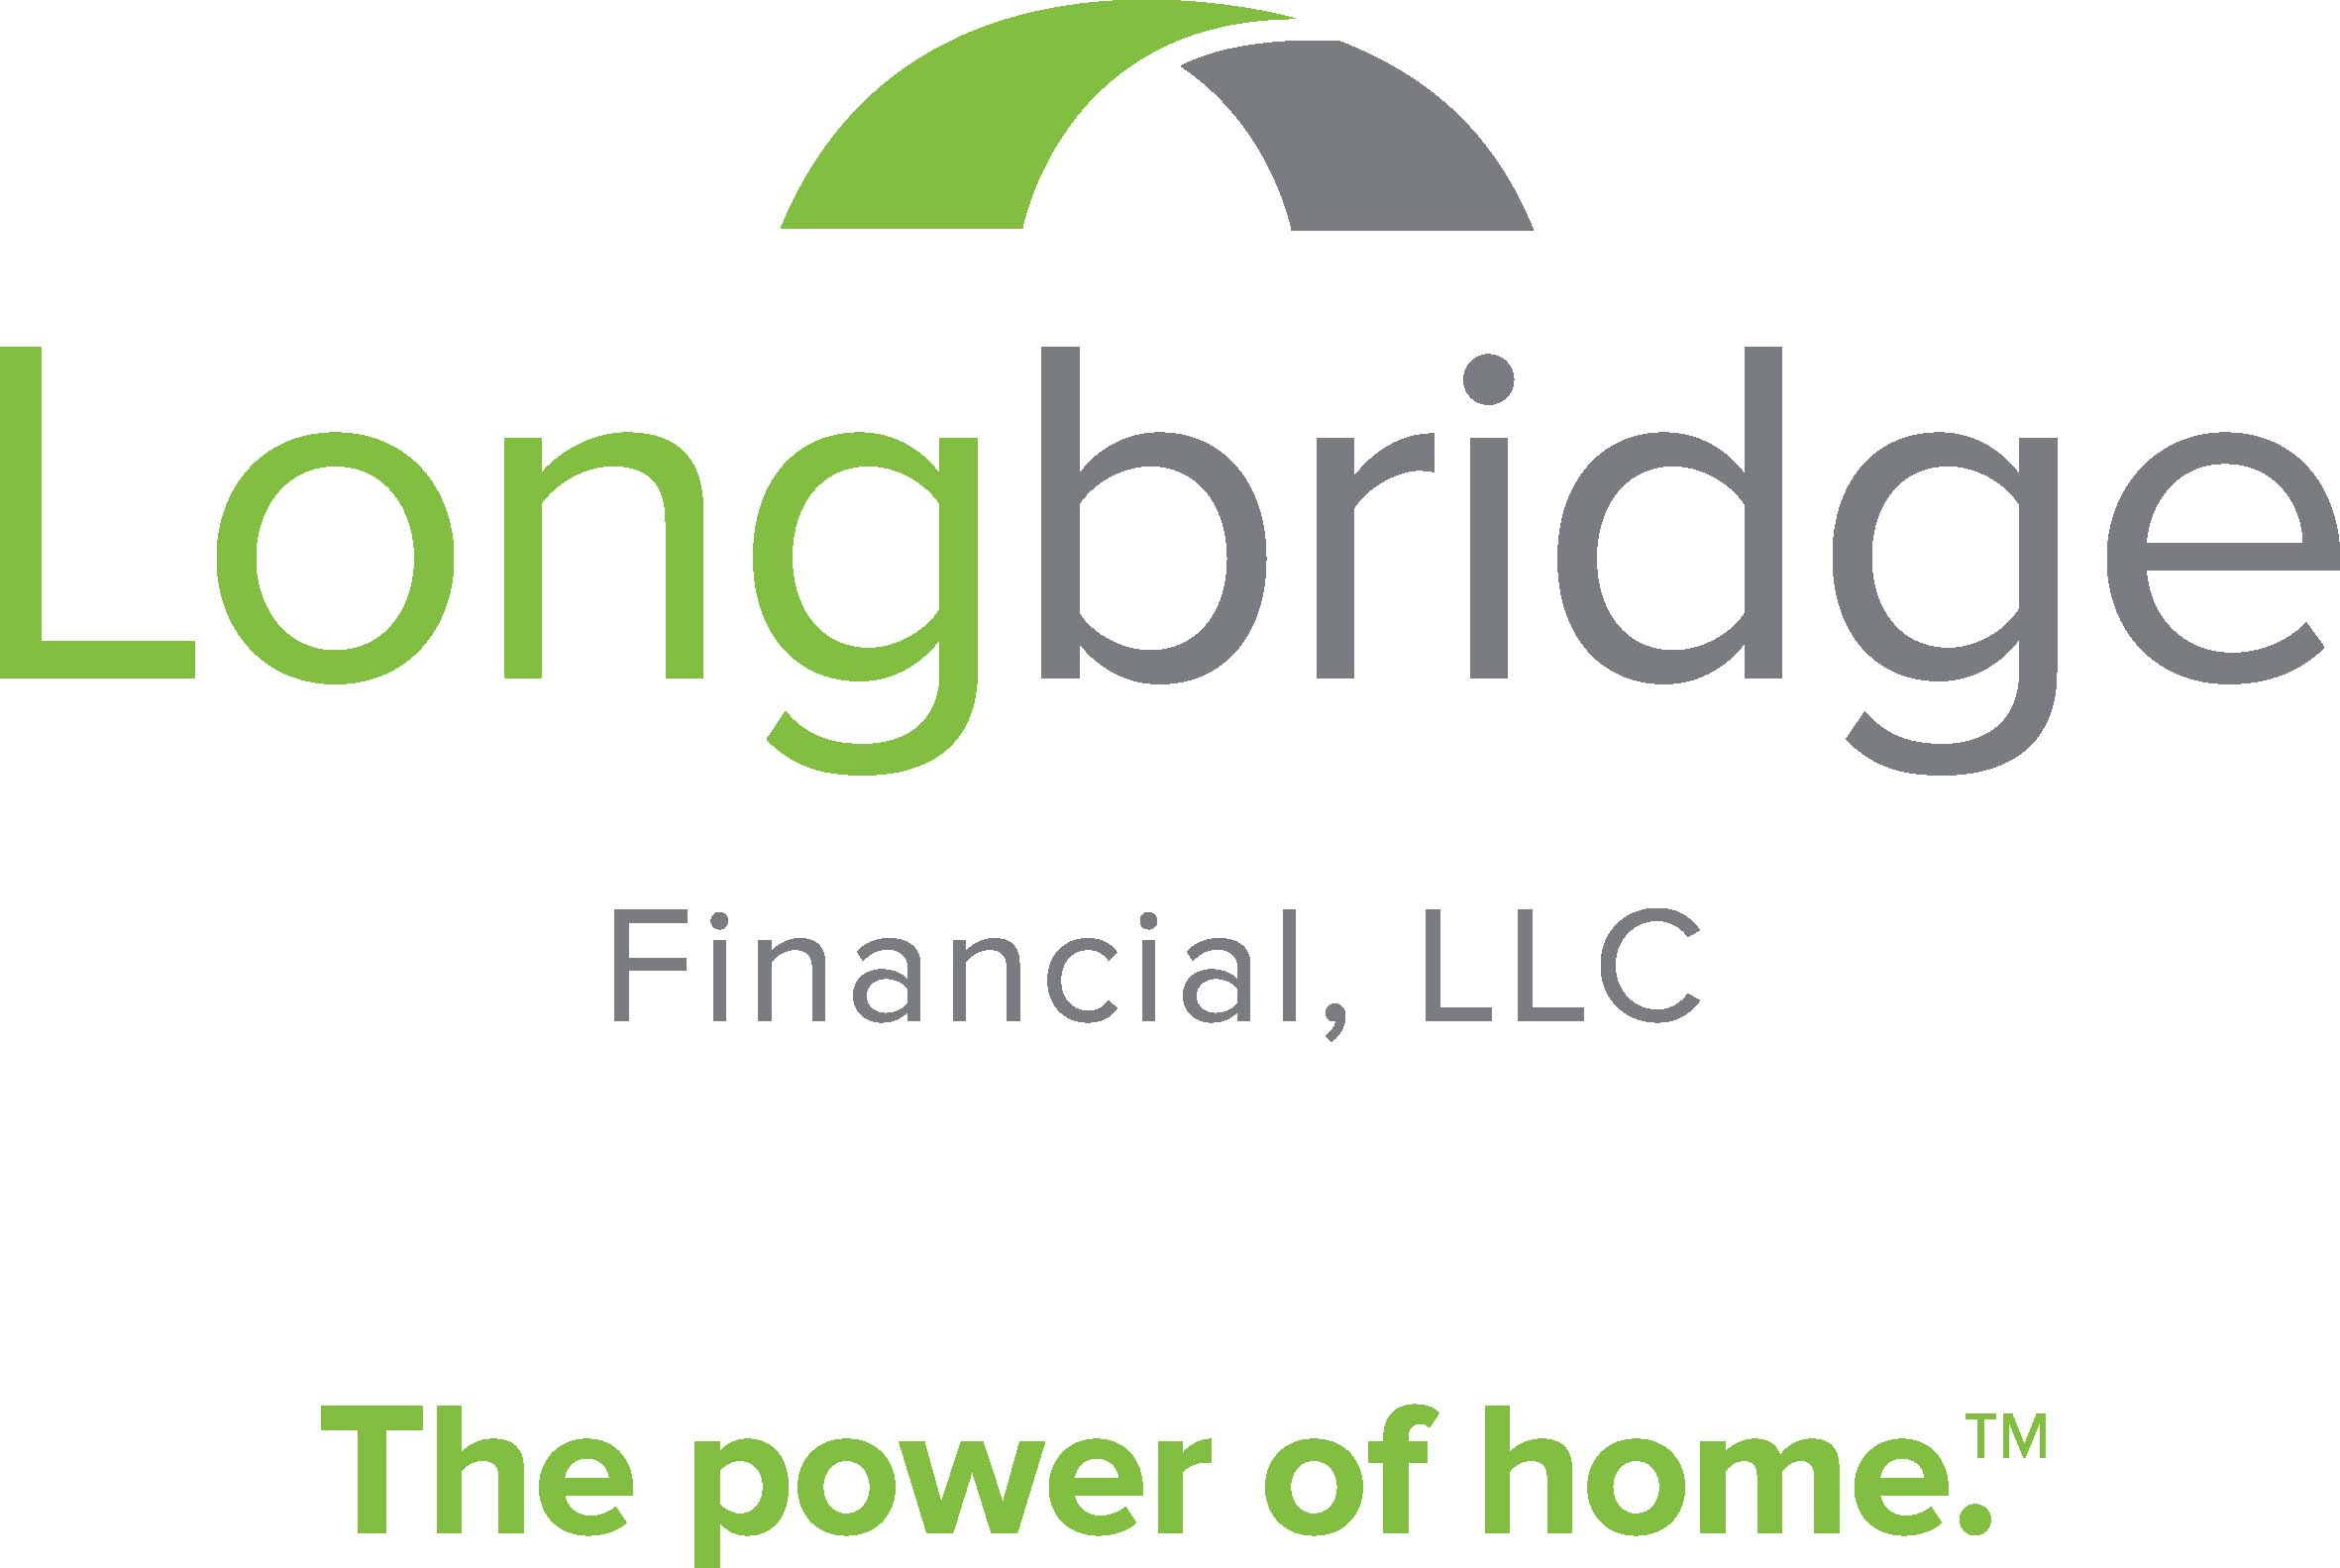 长桥金融有限责任公司